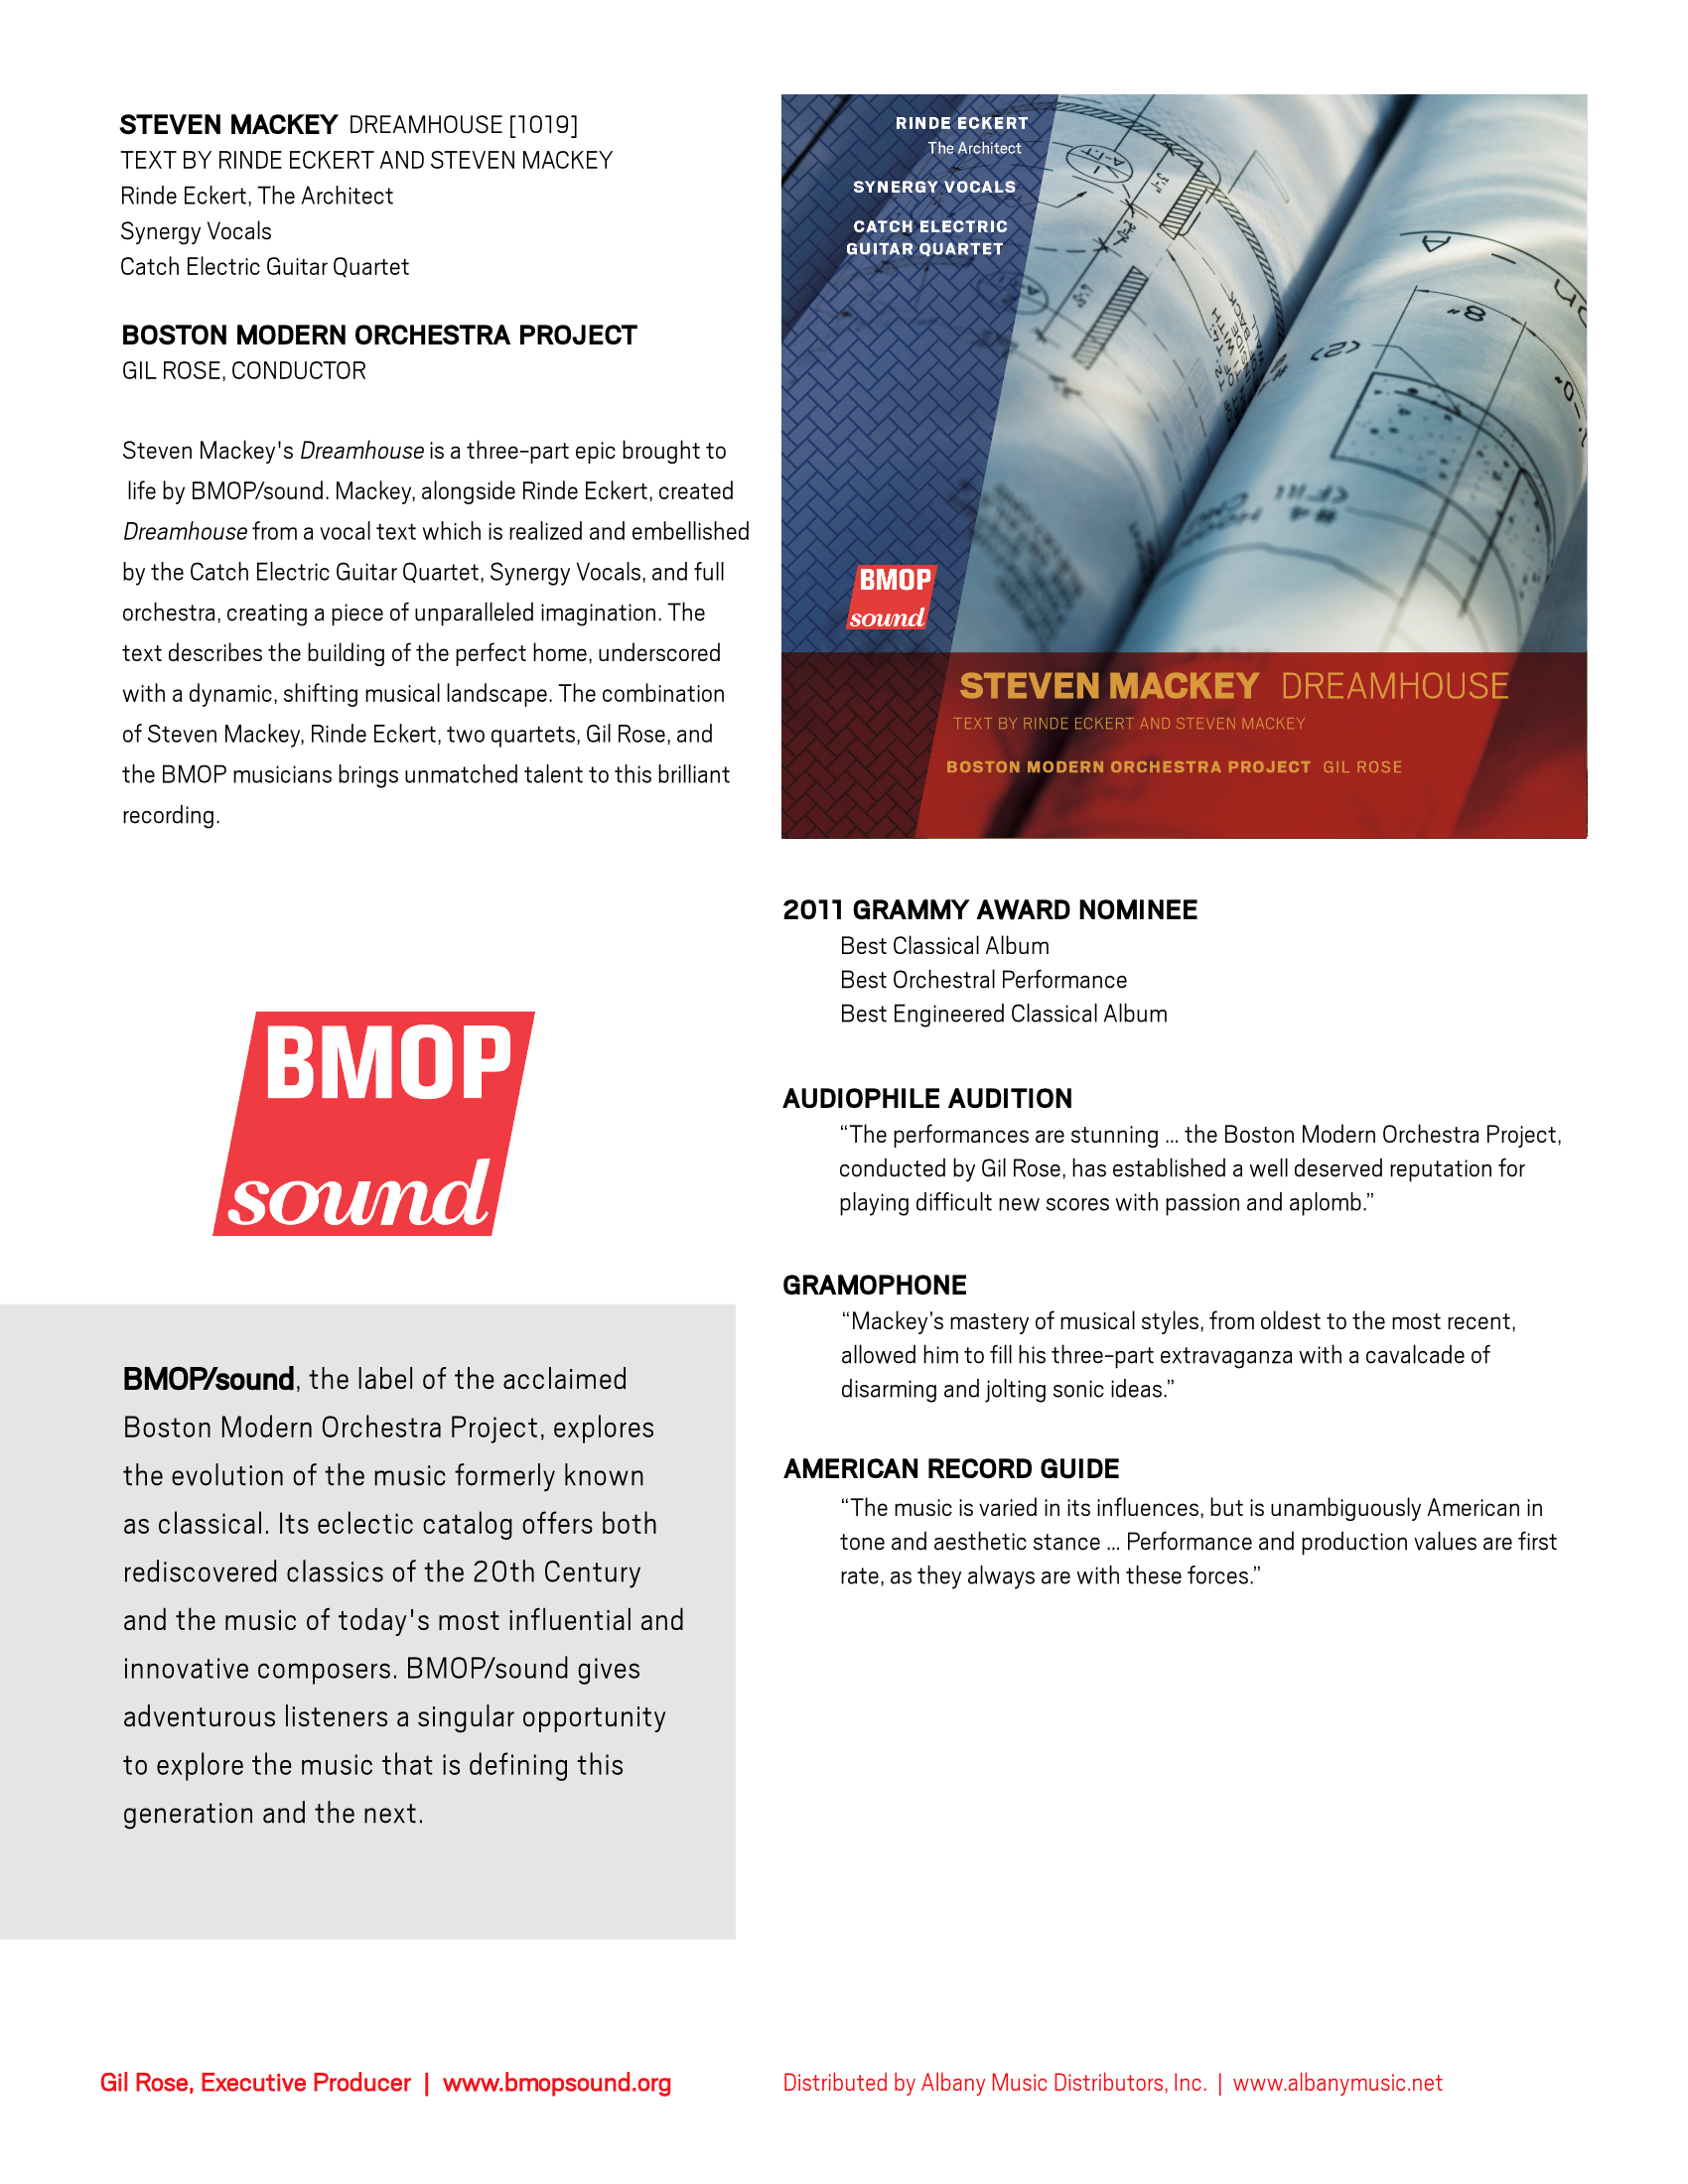 Mackey - BMOPsound 1019 one-sheet.png